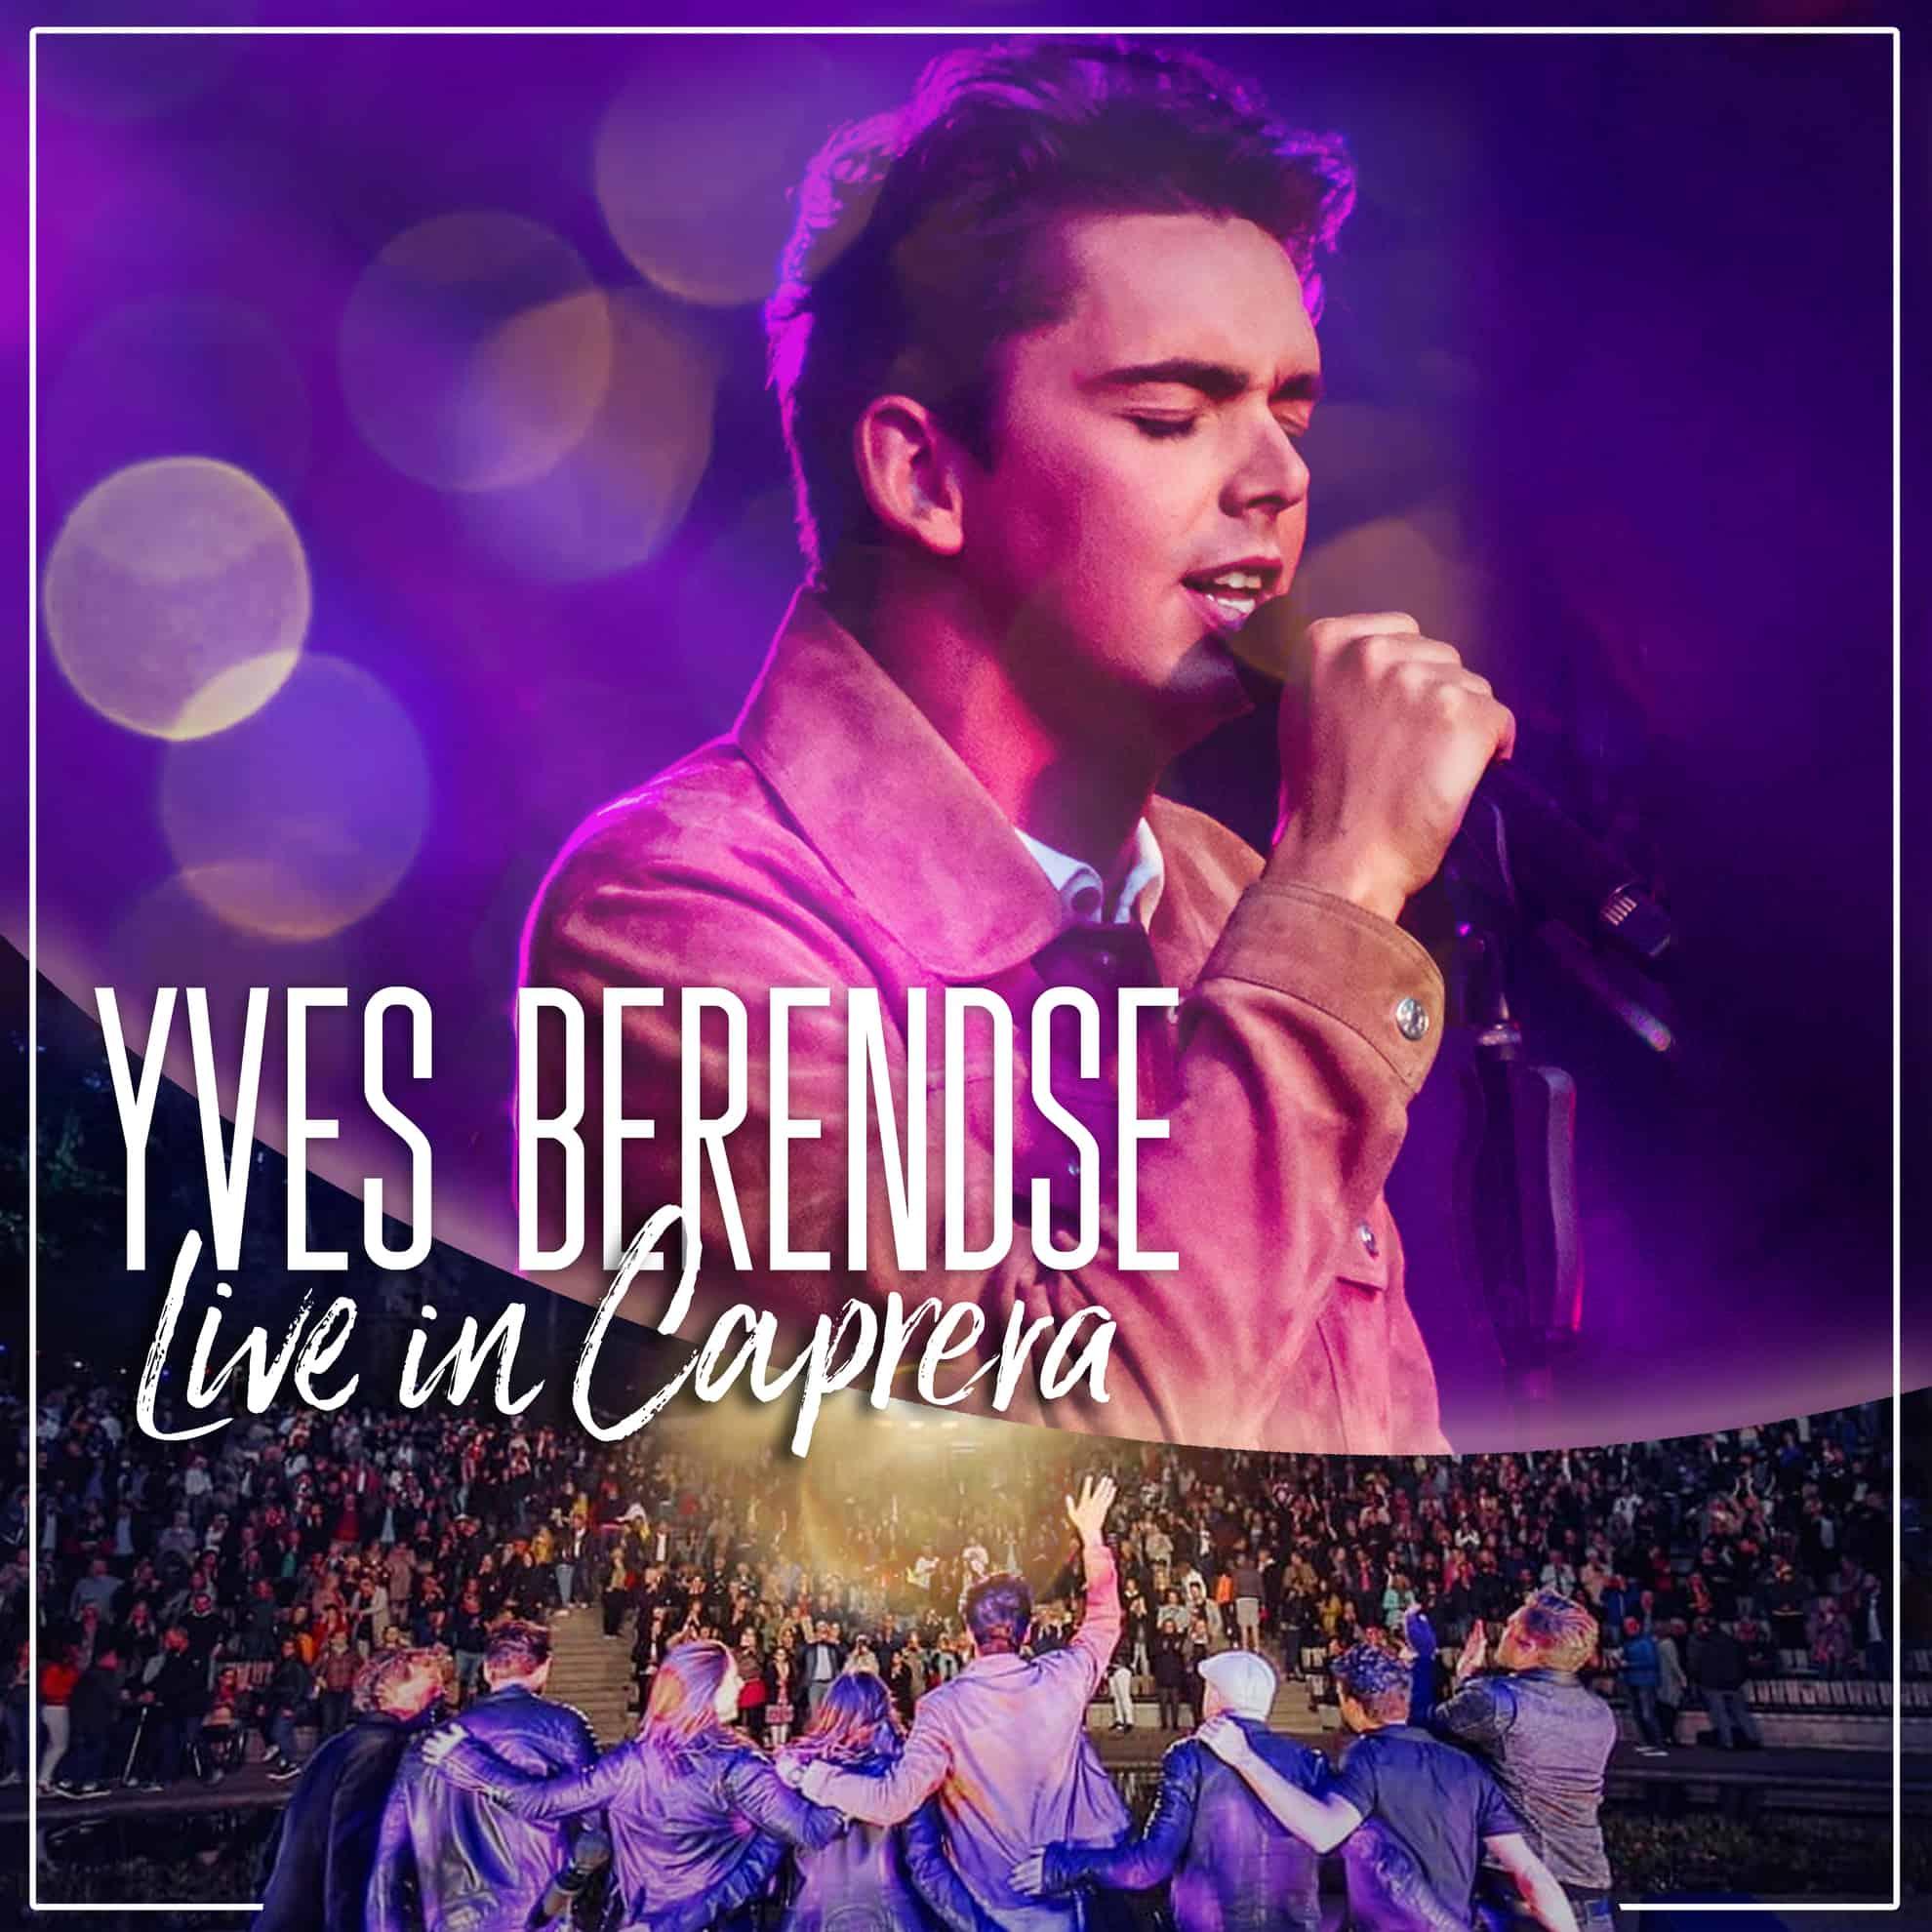 Albumhoes van 'Yves Berendse - Live in Caprera'